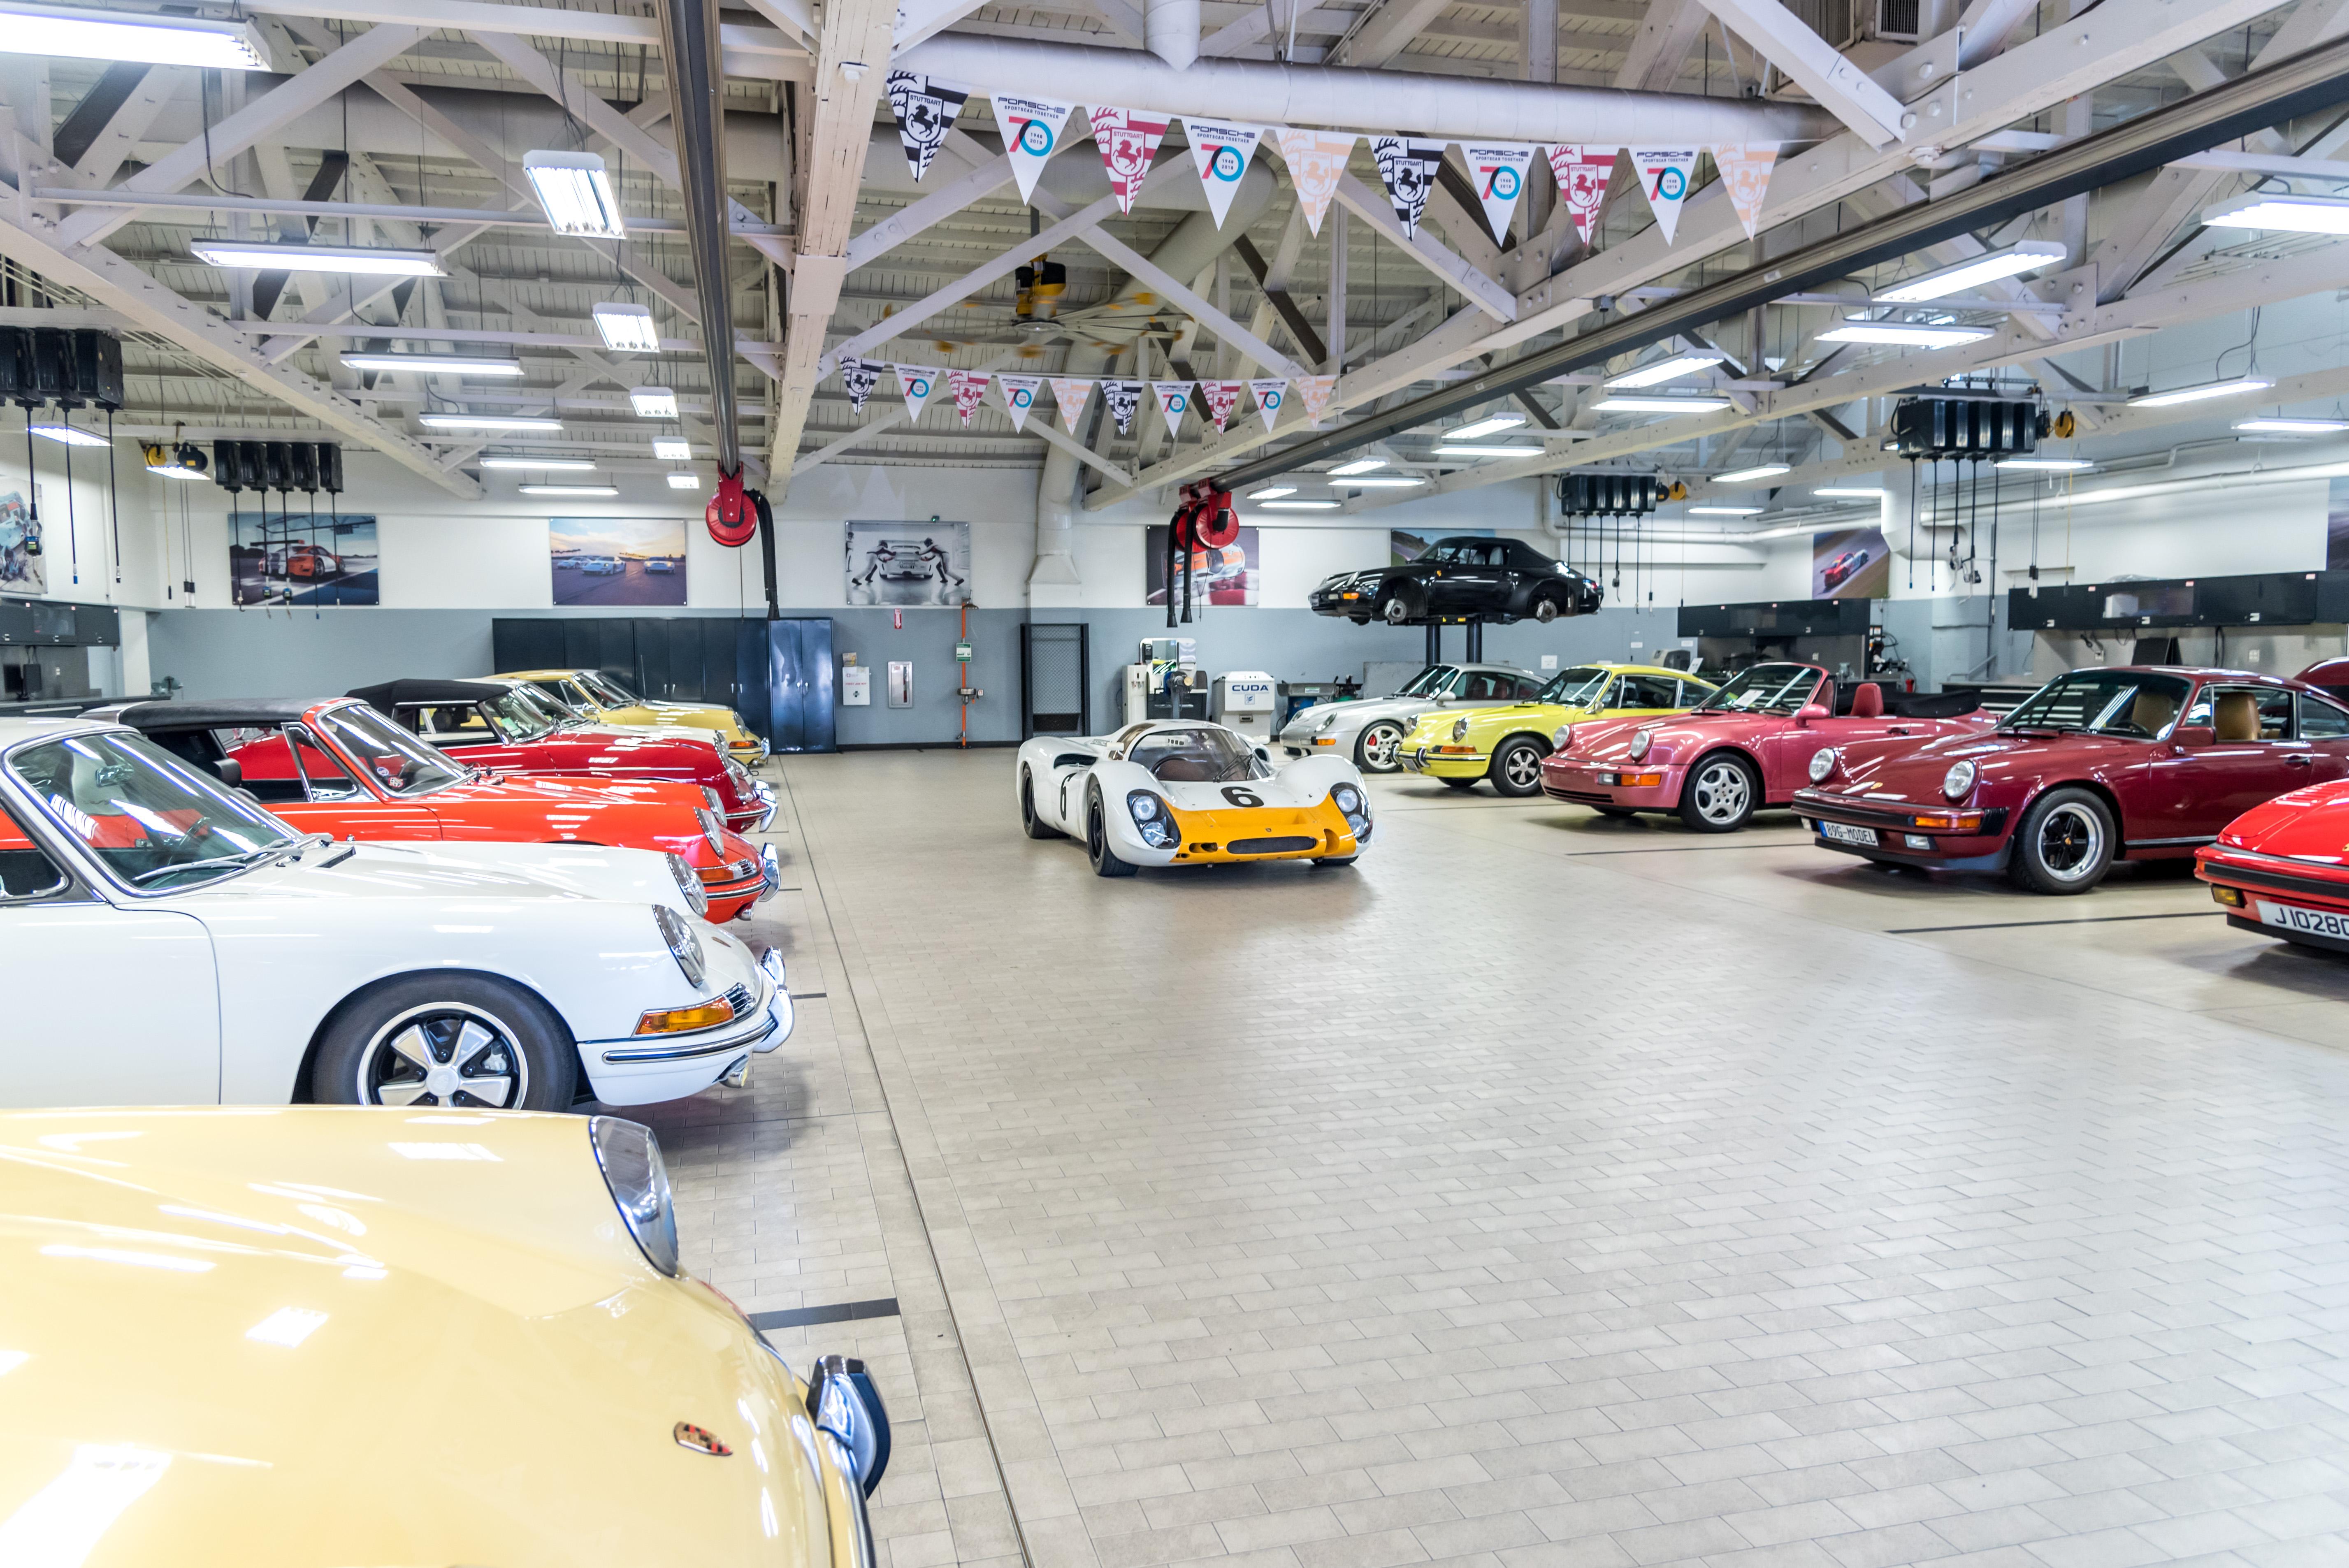 Rusnak Porsche Pasadena >> Rusnak/Pasadena Porsche Celebrates Porsche's 70th Anniversary - Rusnak Events